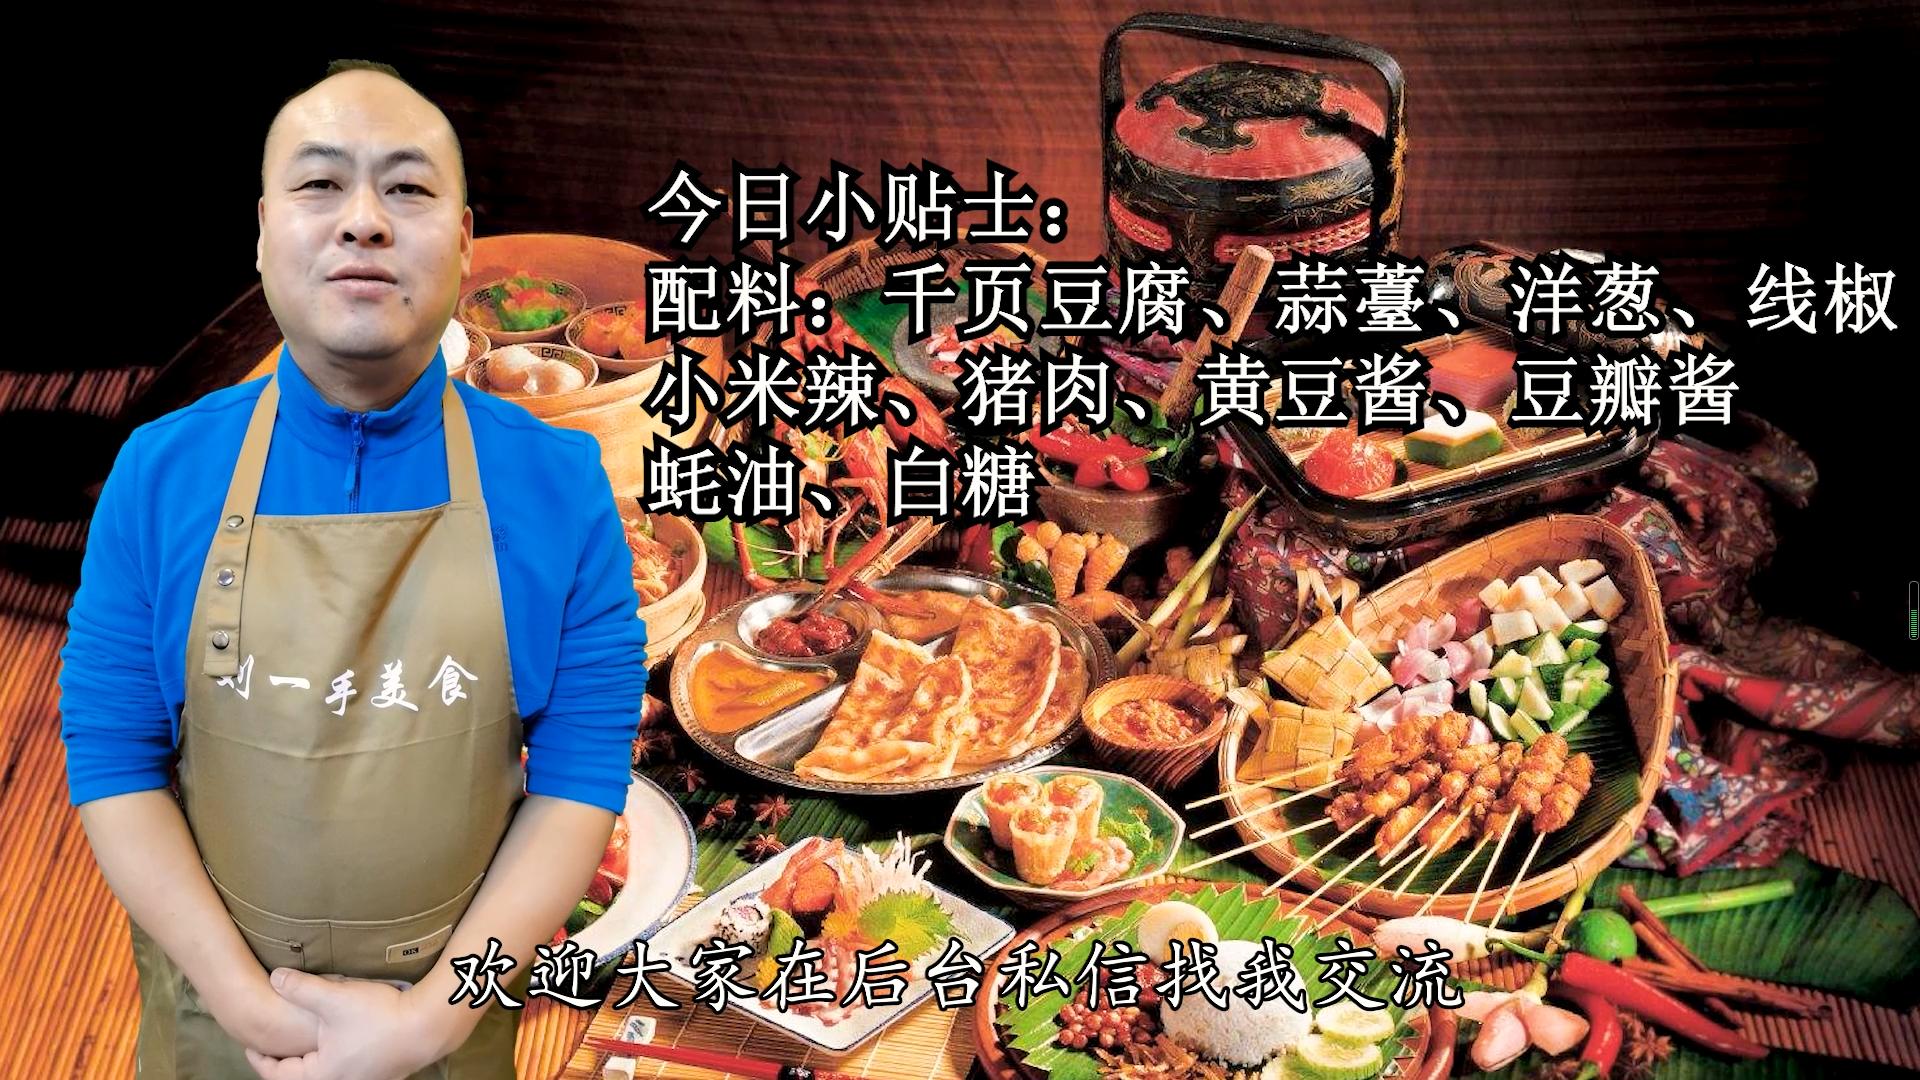 饭店卖38一份的干锅千页豆腐,大厨教你在家10块钱搞定,太简单了 美食做法 第3张